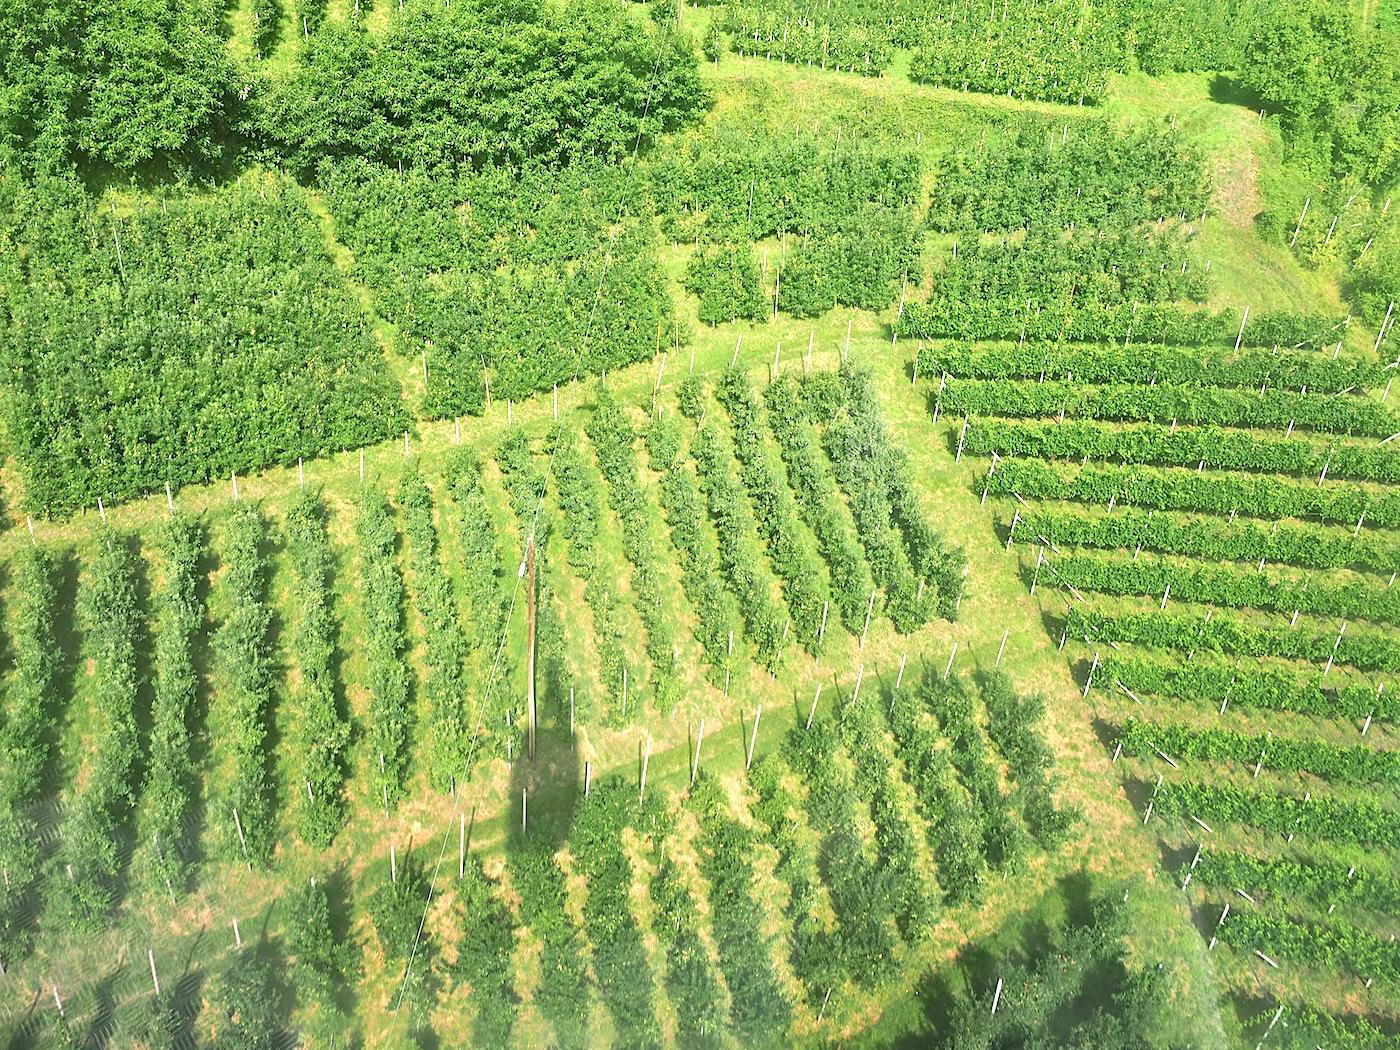 Abgehoben. Über Apfelplantagen, Weinberge und Esskastanien gleitet die Gondel ins Reich der Lärchenkiefer. Seit über hundert Jahren fährt die Seilbahn, eine der ältesten der Alpen, auf 1.500 Meter hinauf, die betuchten Gäste Merans wussten die Bergfrische schon früh zu schätzen.